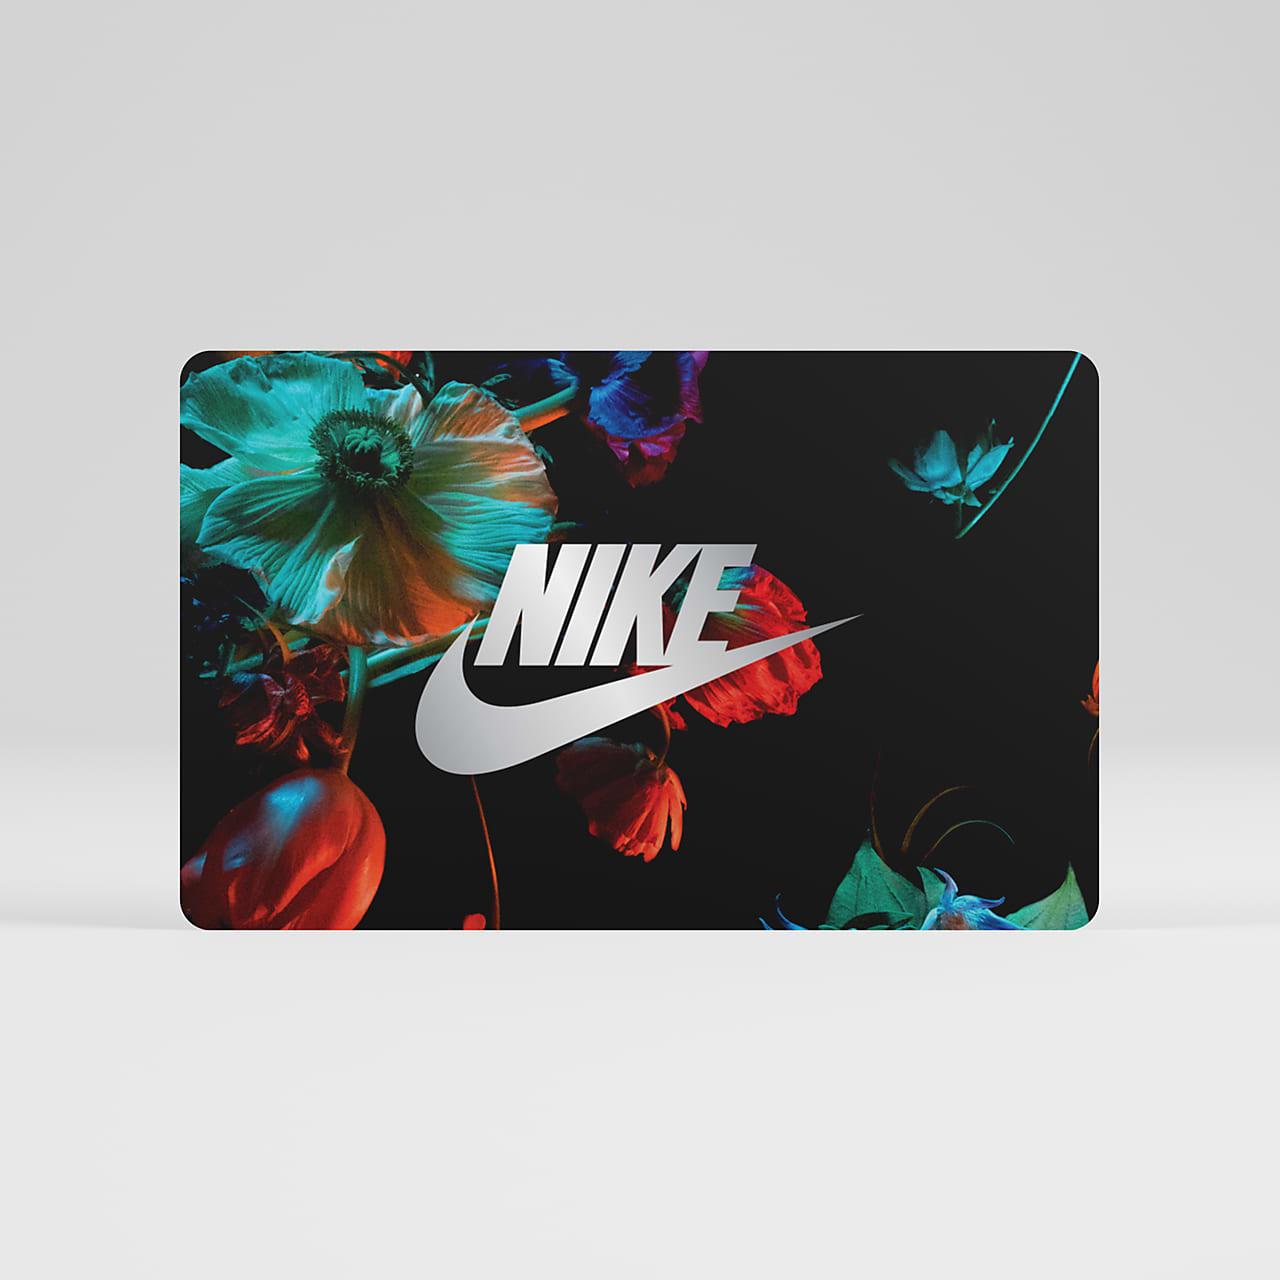 Guardería resistencia collar  La tarjeta de regalo digital Nike se envía por correo electrónico en 24  horas o menos. Nike.com